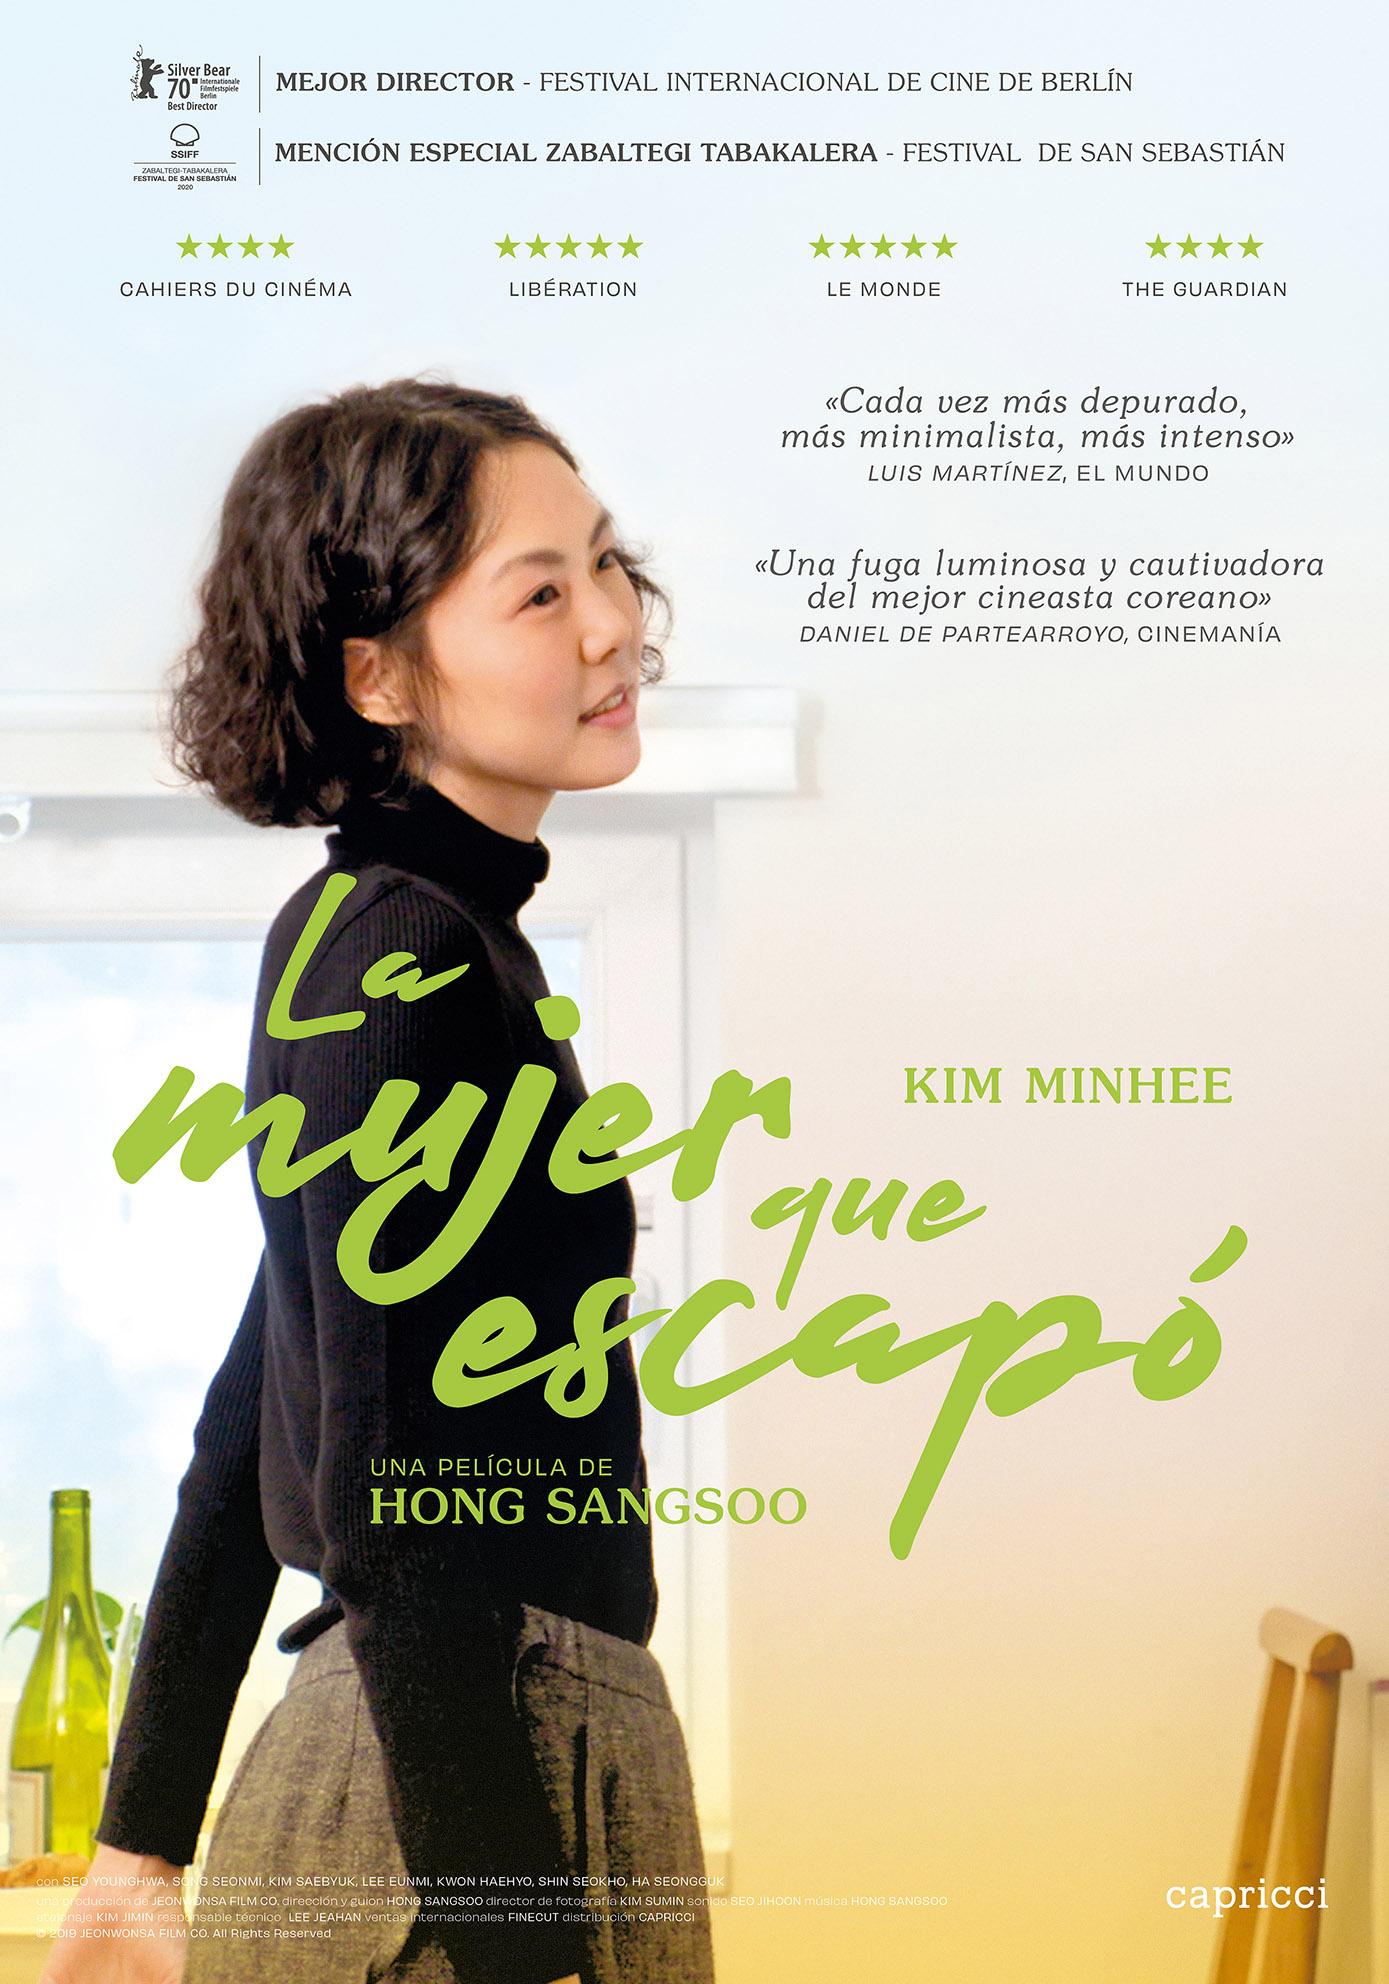 La mujer que escapó lo nuevo de Hong Sangsoo, llega a los cines el 16 de julio